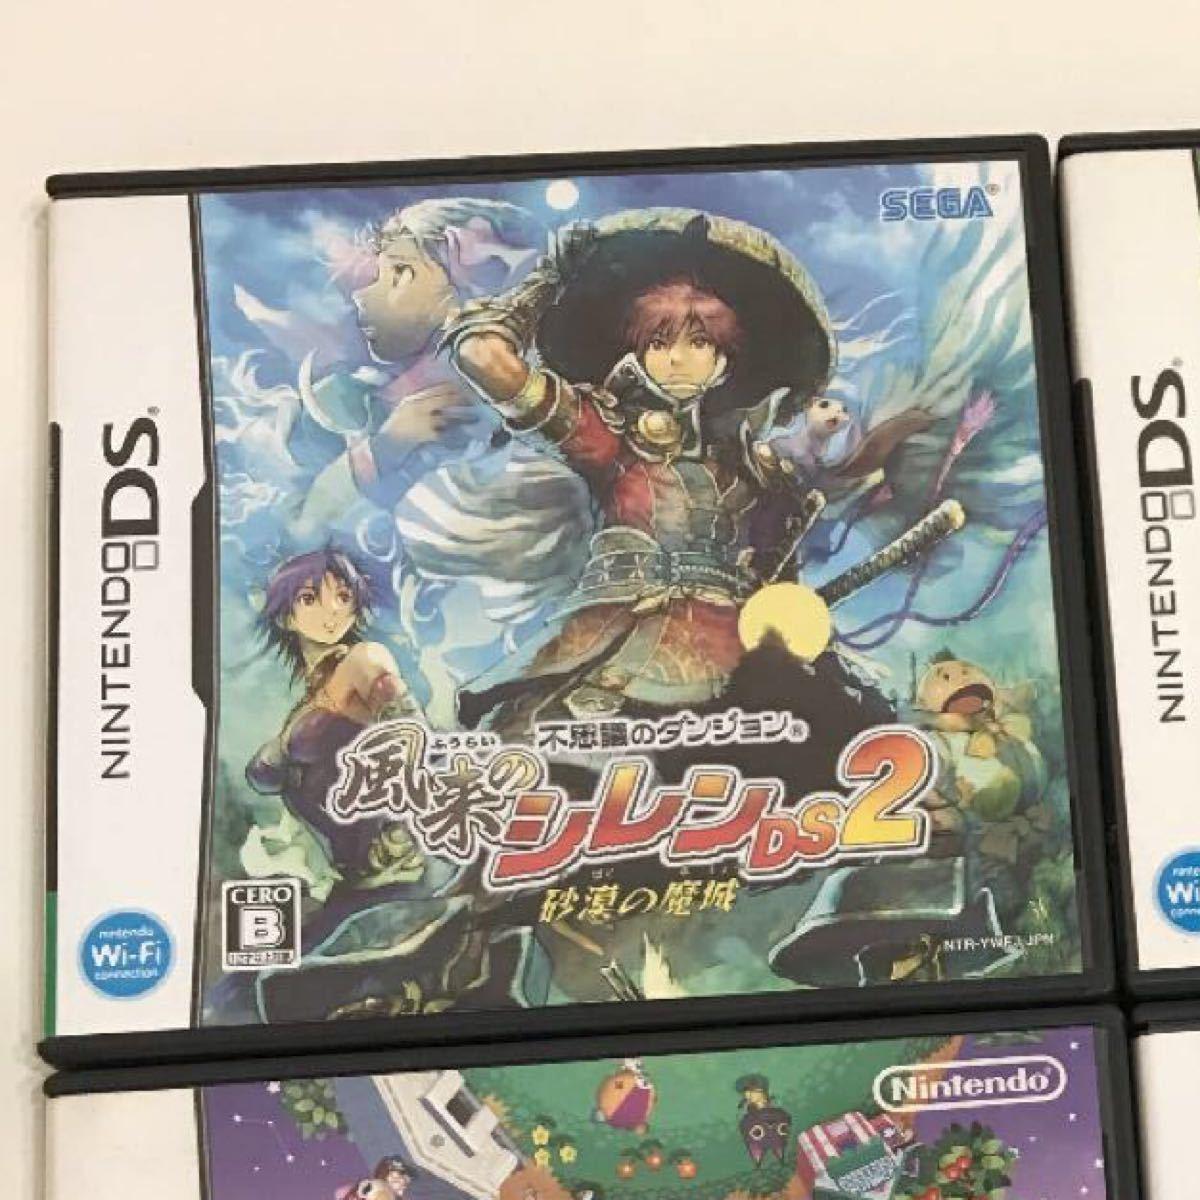 DS ソフト カセット 風来のシレン2